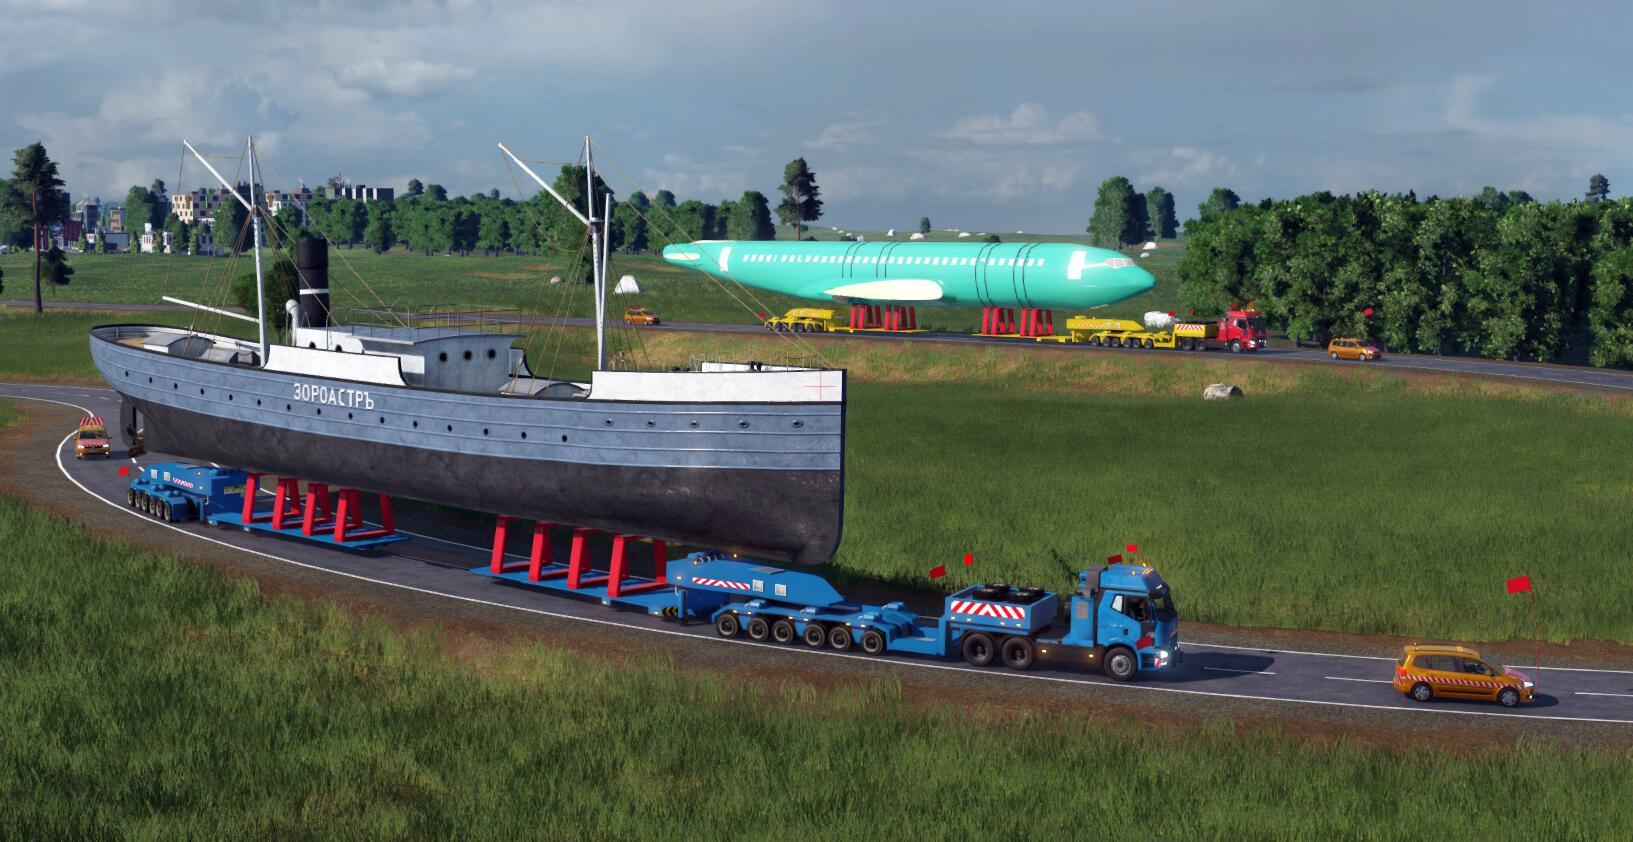 Hull & Aircraft body